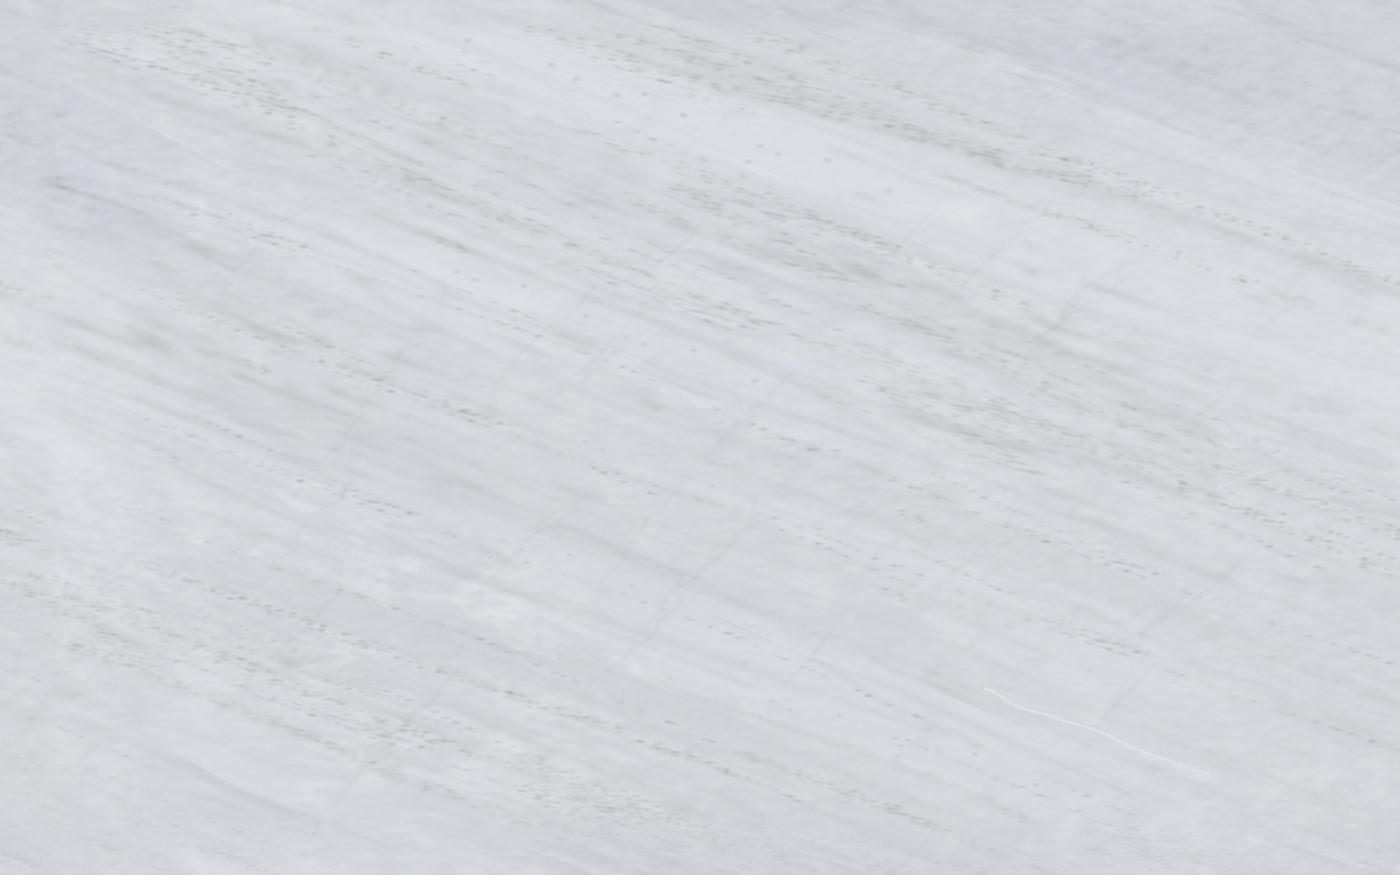 Swtexture free architectural textures white marble textures for Free white texture